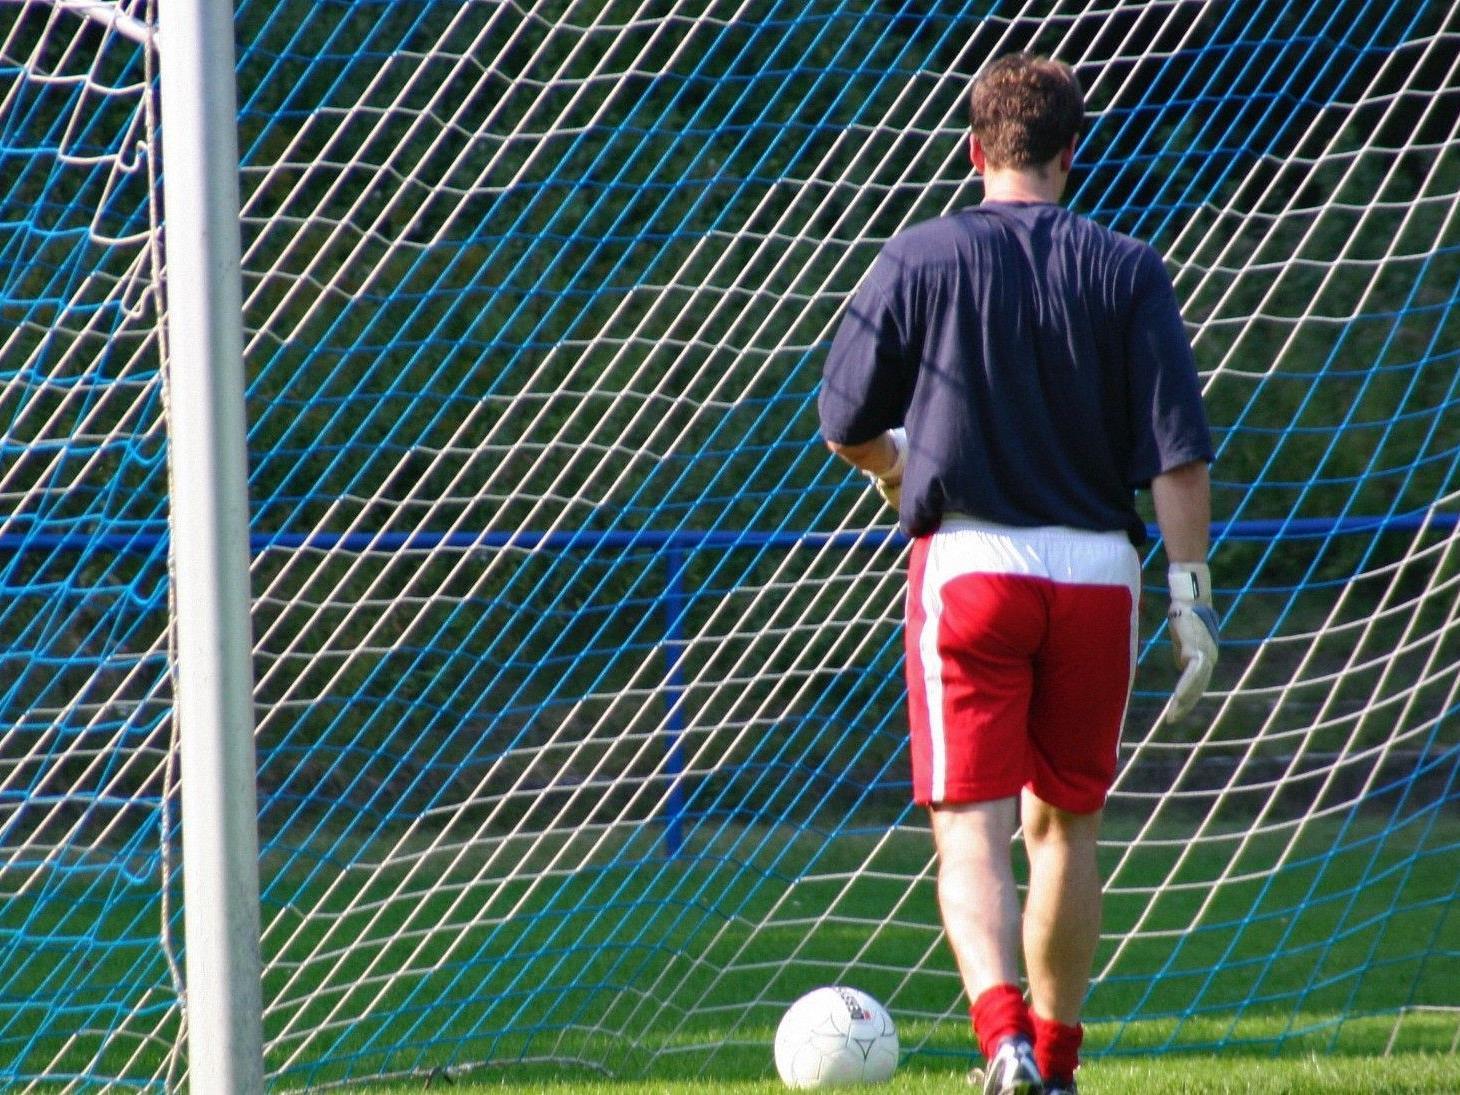 Am 25. August steigt ein Benefiz-Fußballtunier auf der Hohen Warte.